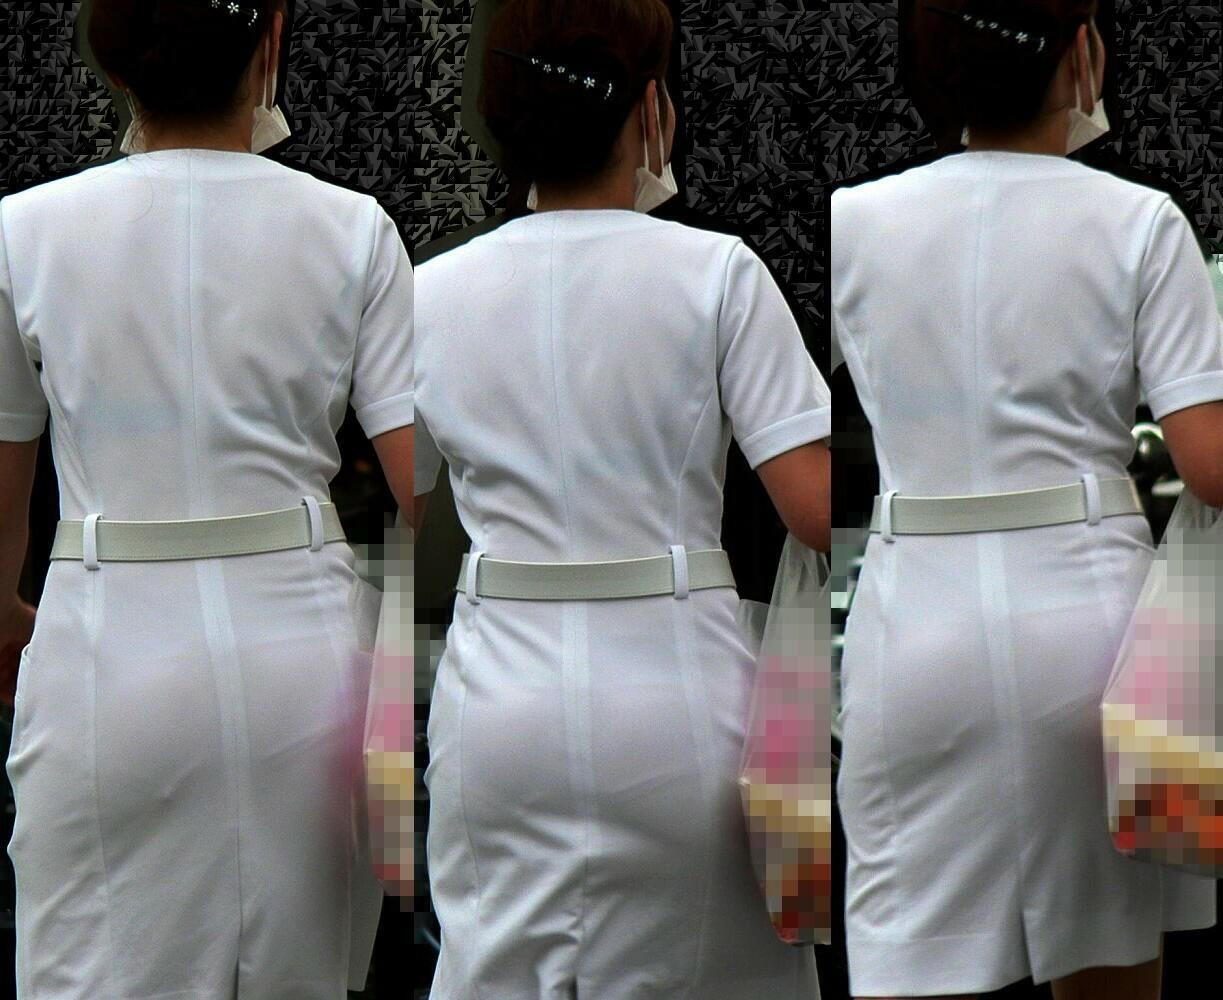 【ナースエロ画像】鉄壁の白衣でもなかったりする看護師たちの下着透けwww 08